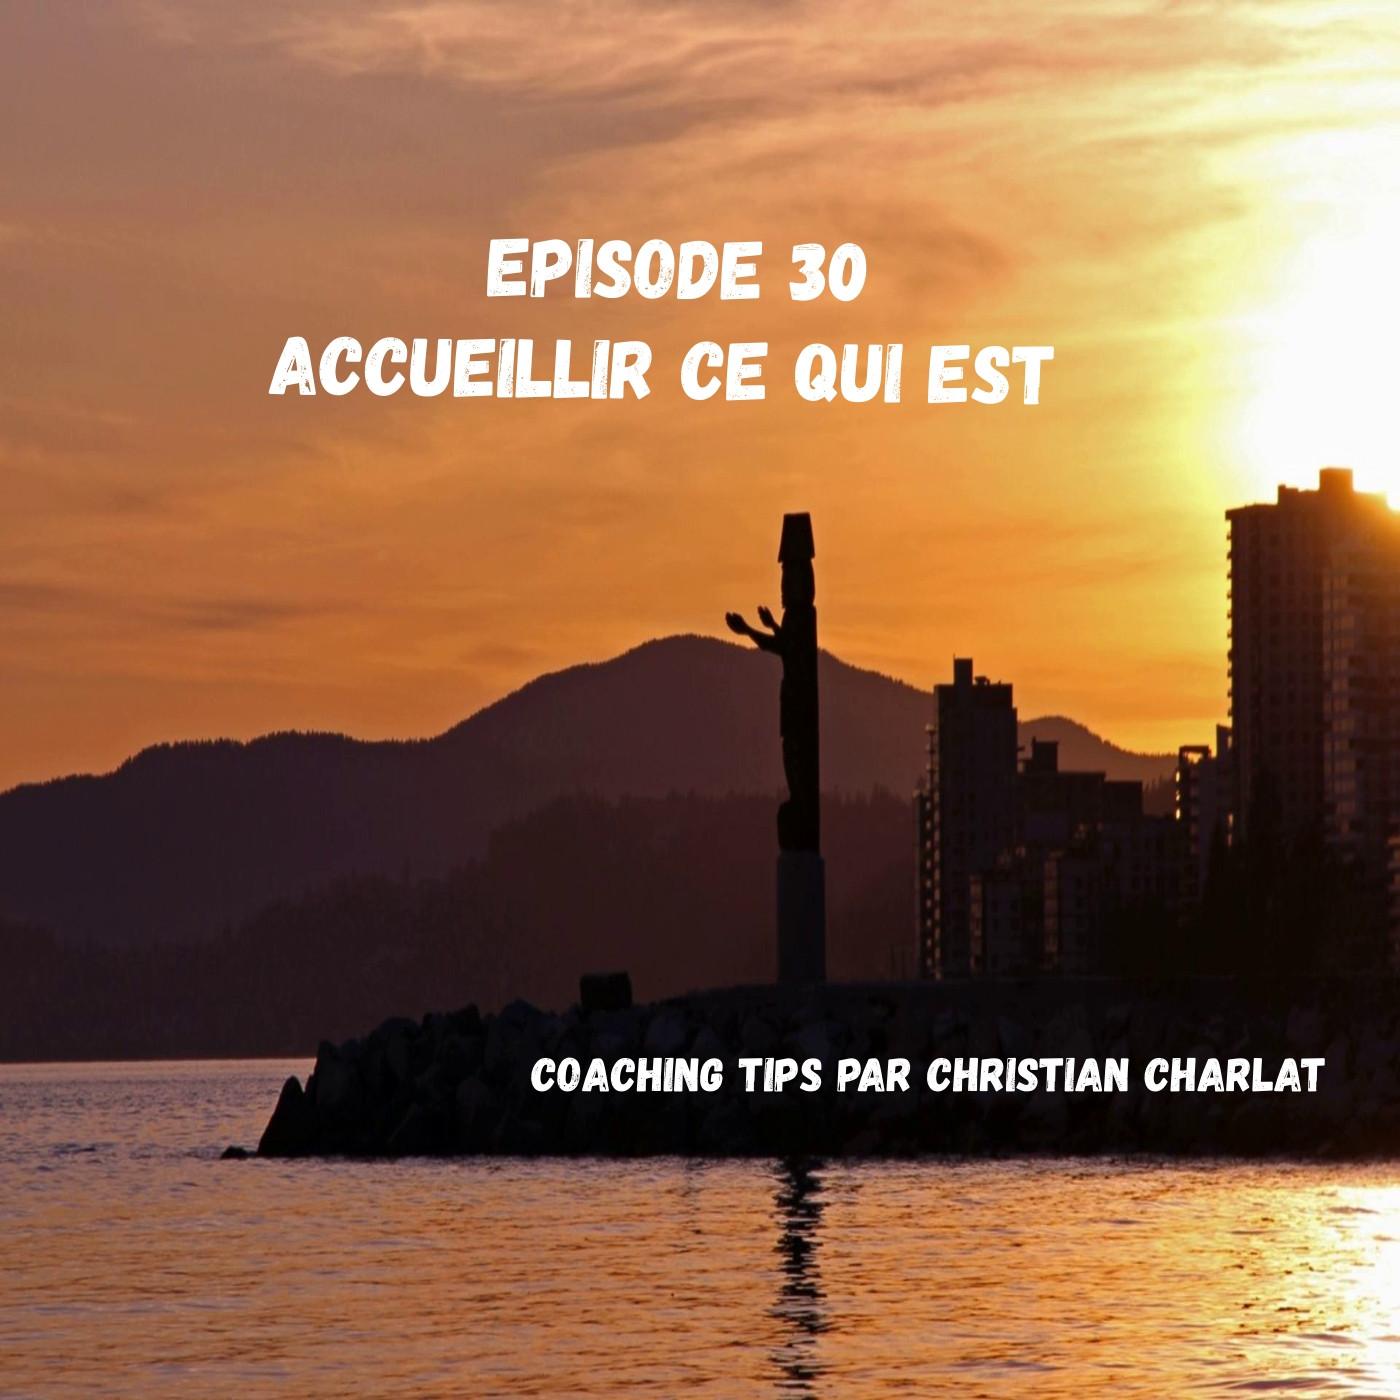 Episode 30 Accueillir ce qui est. Le véritable lâcher prise